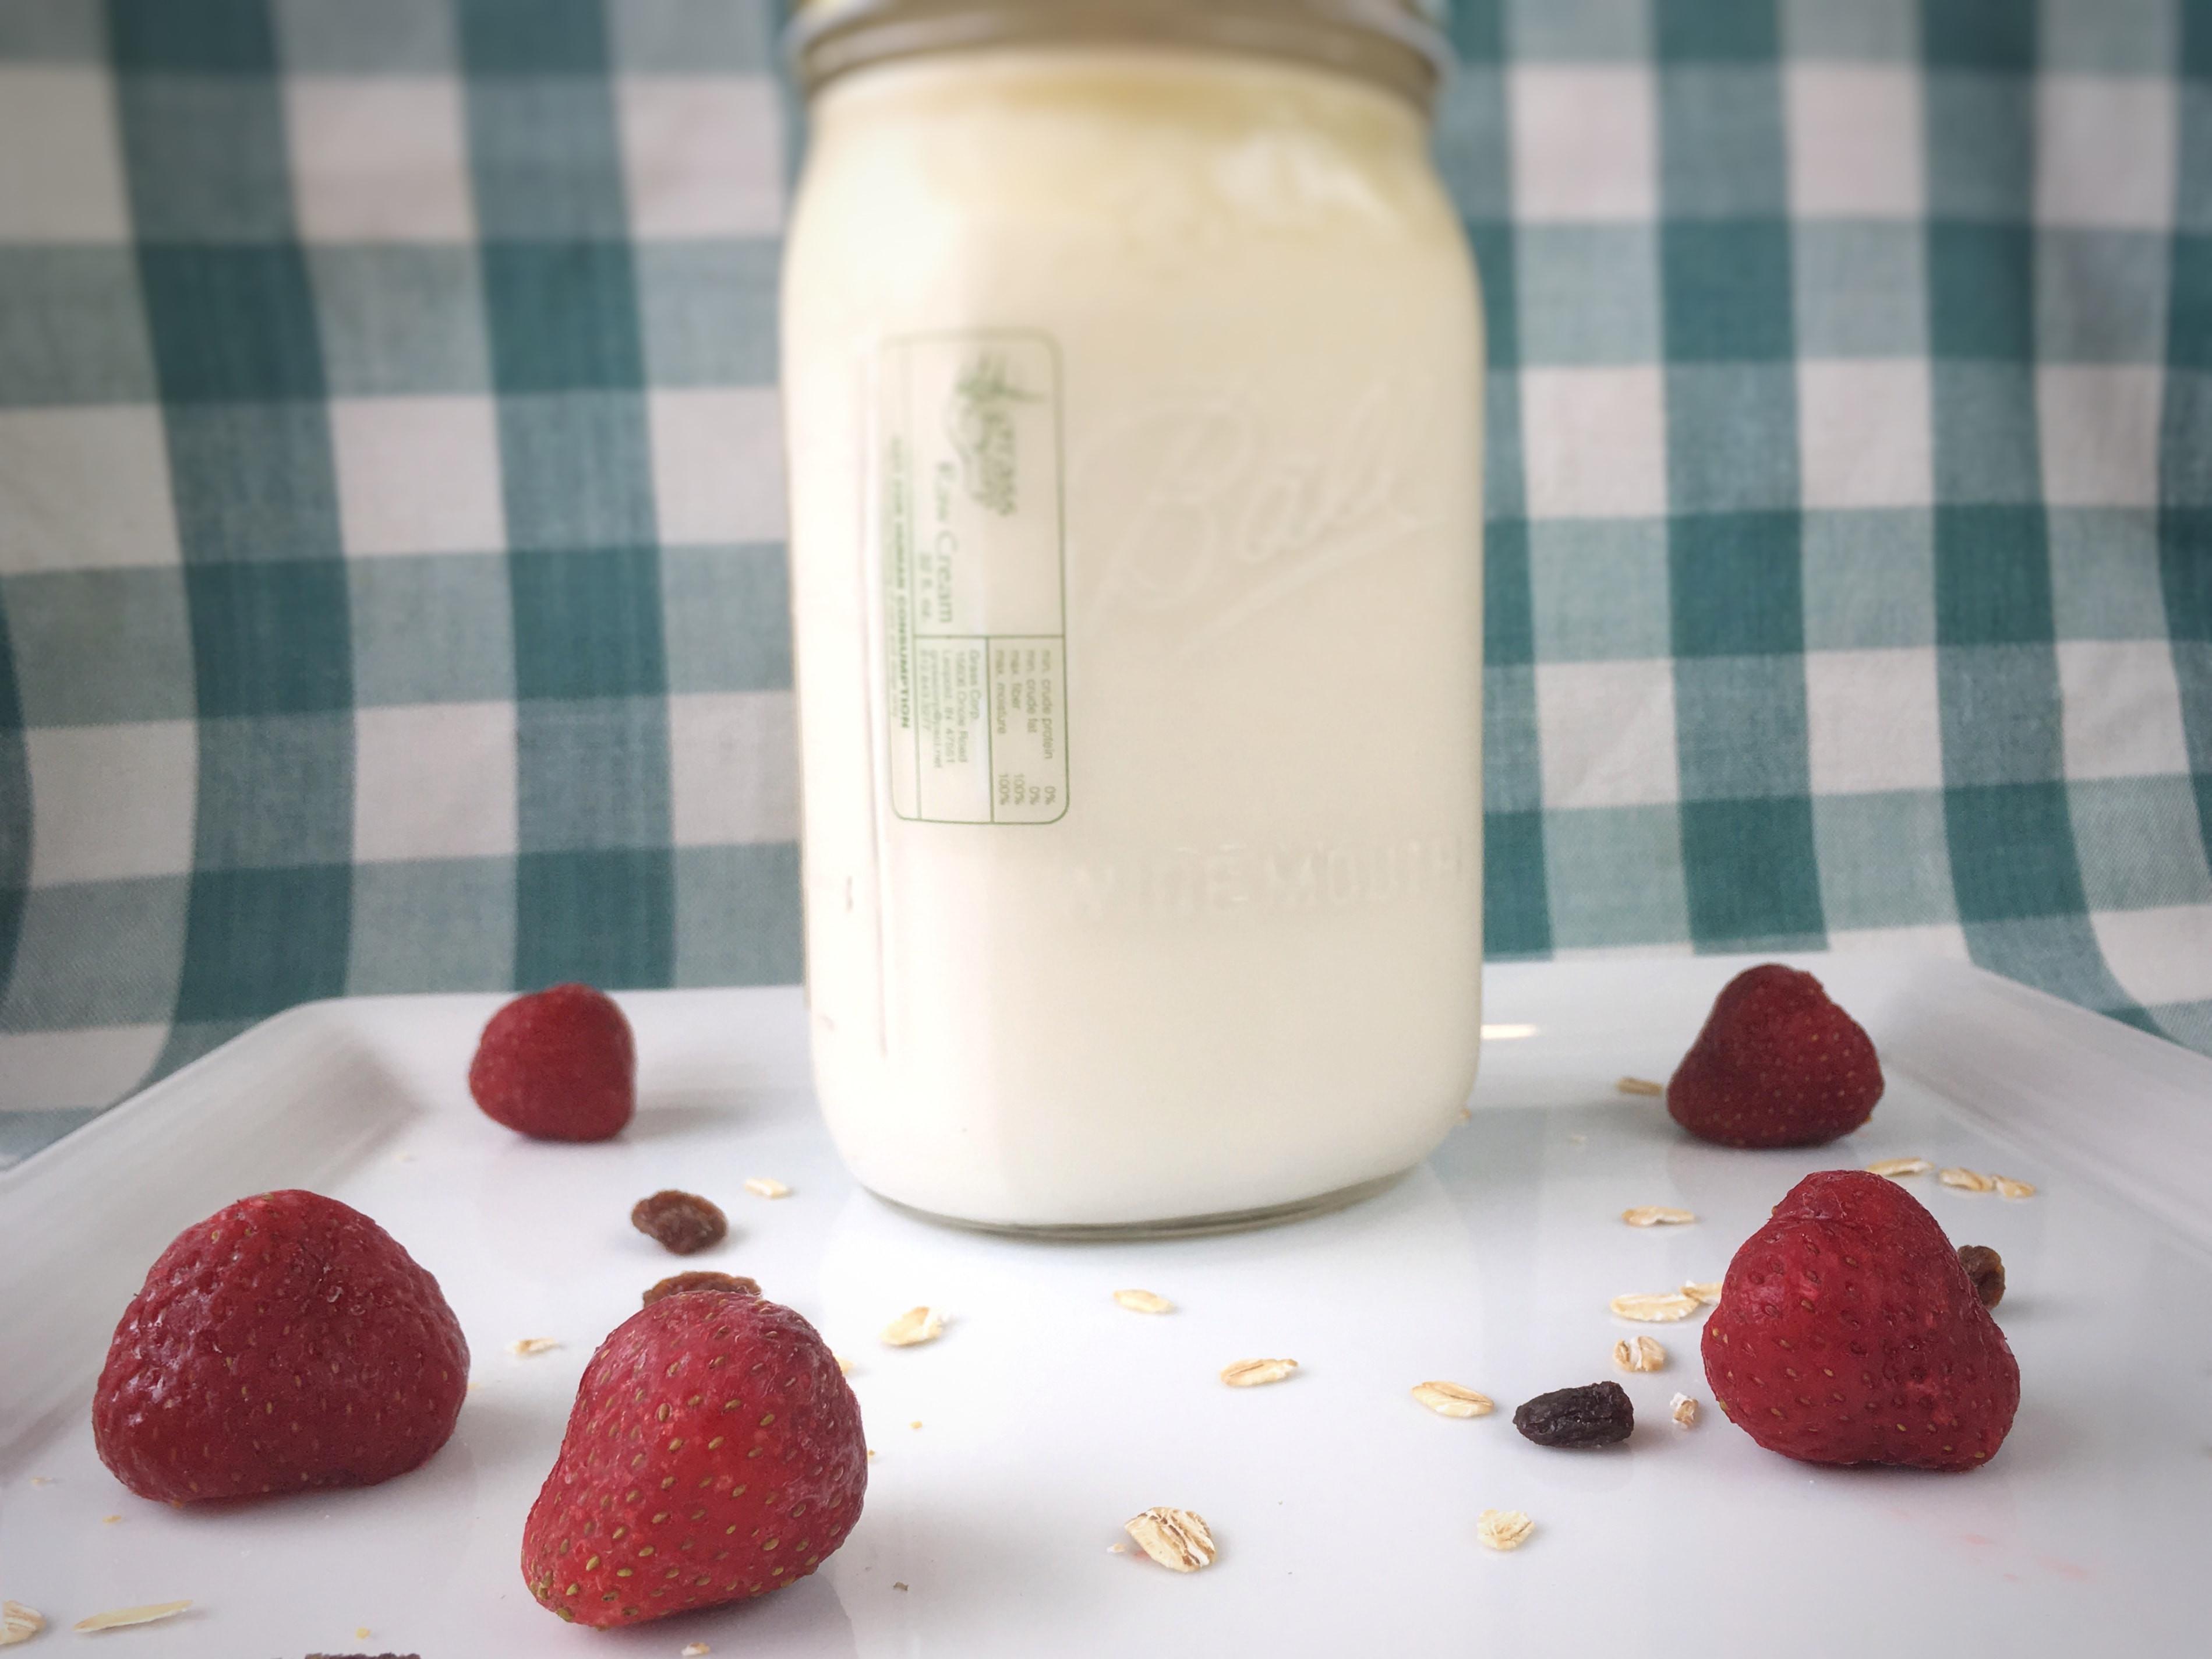 Dairy - Plain Yogurt